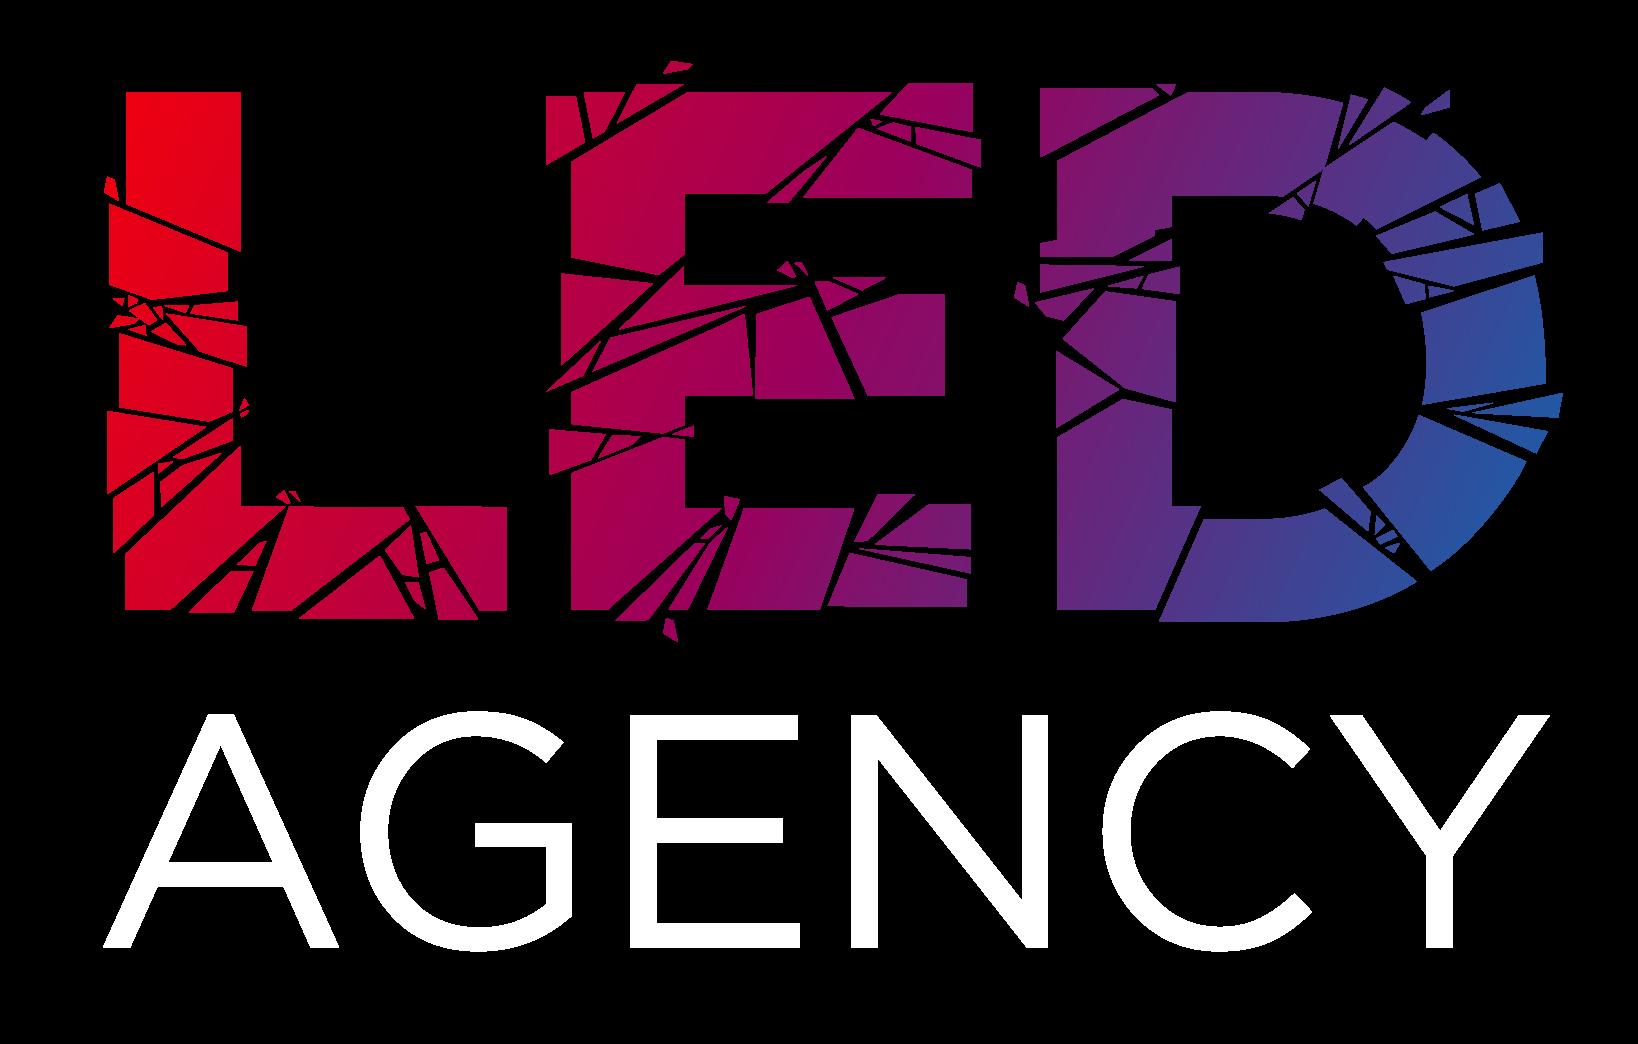 LED agency